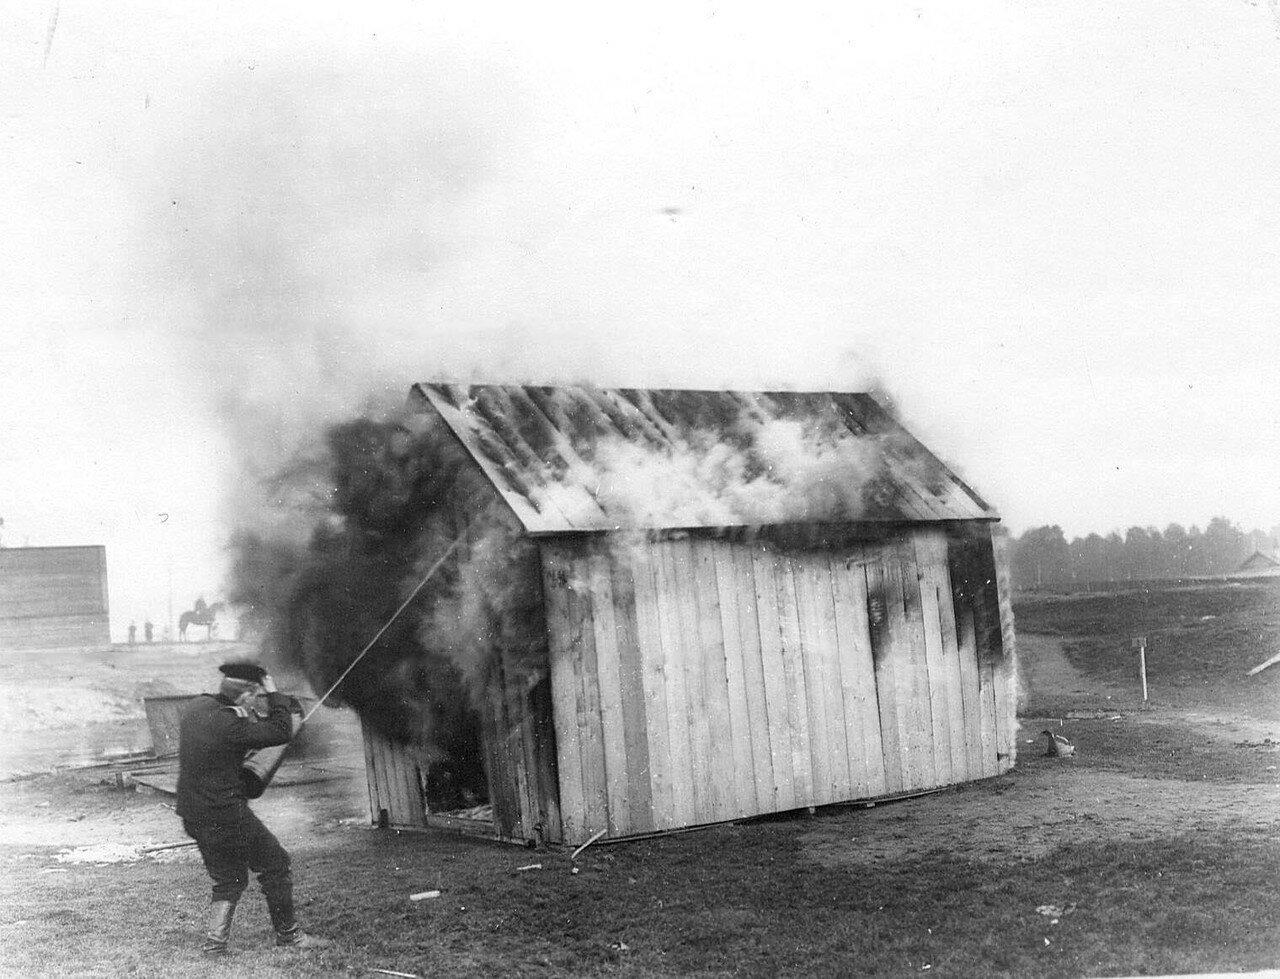 13. Пожарный тушит огнетушителем горящее здание во время испытания огнетушителей новых систем